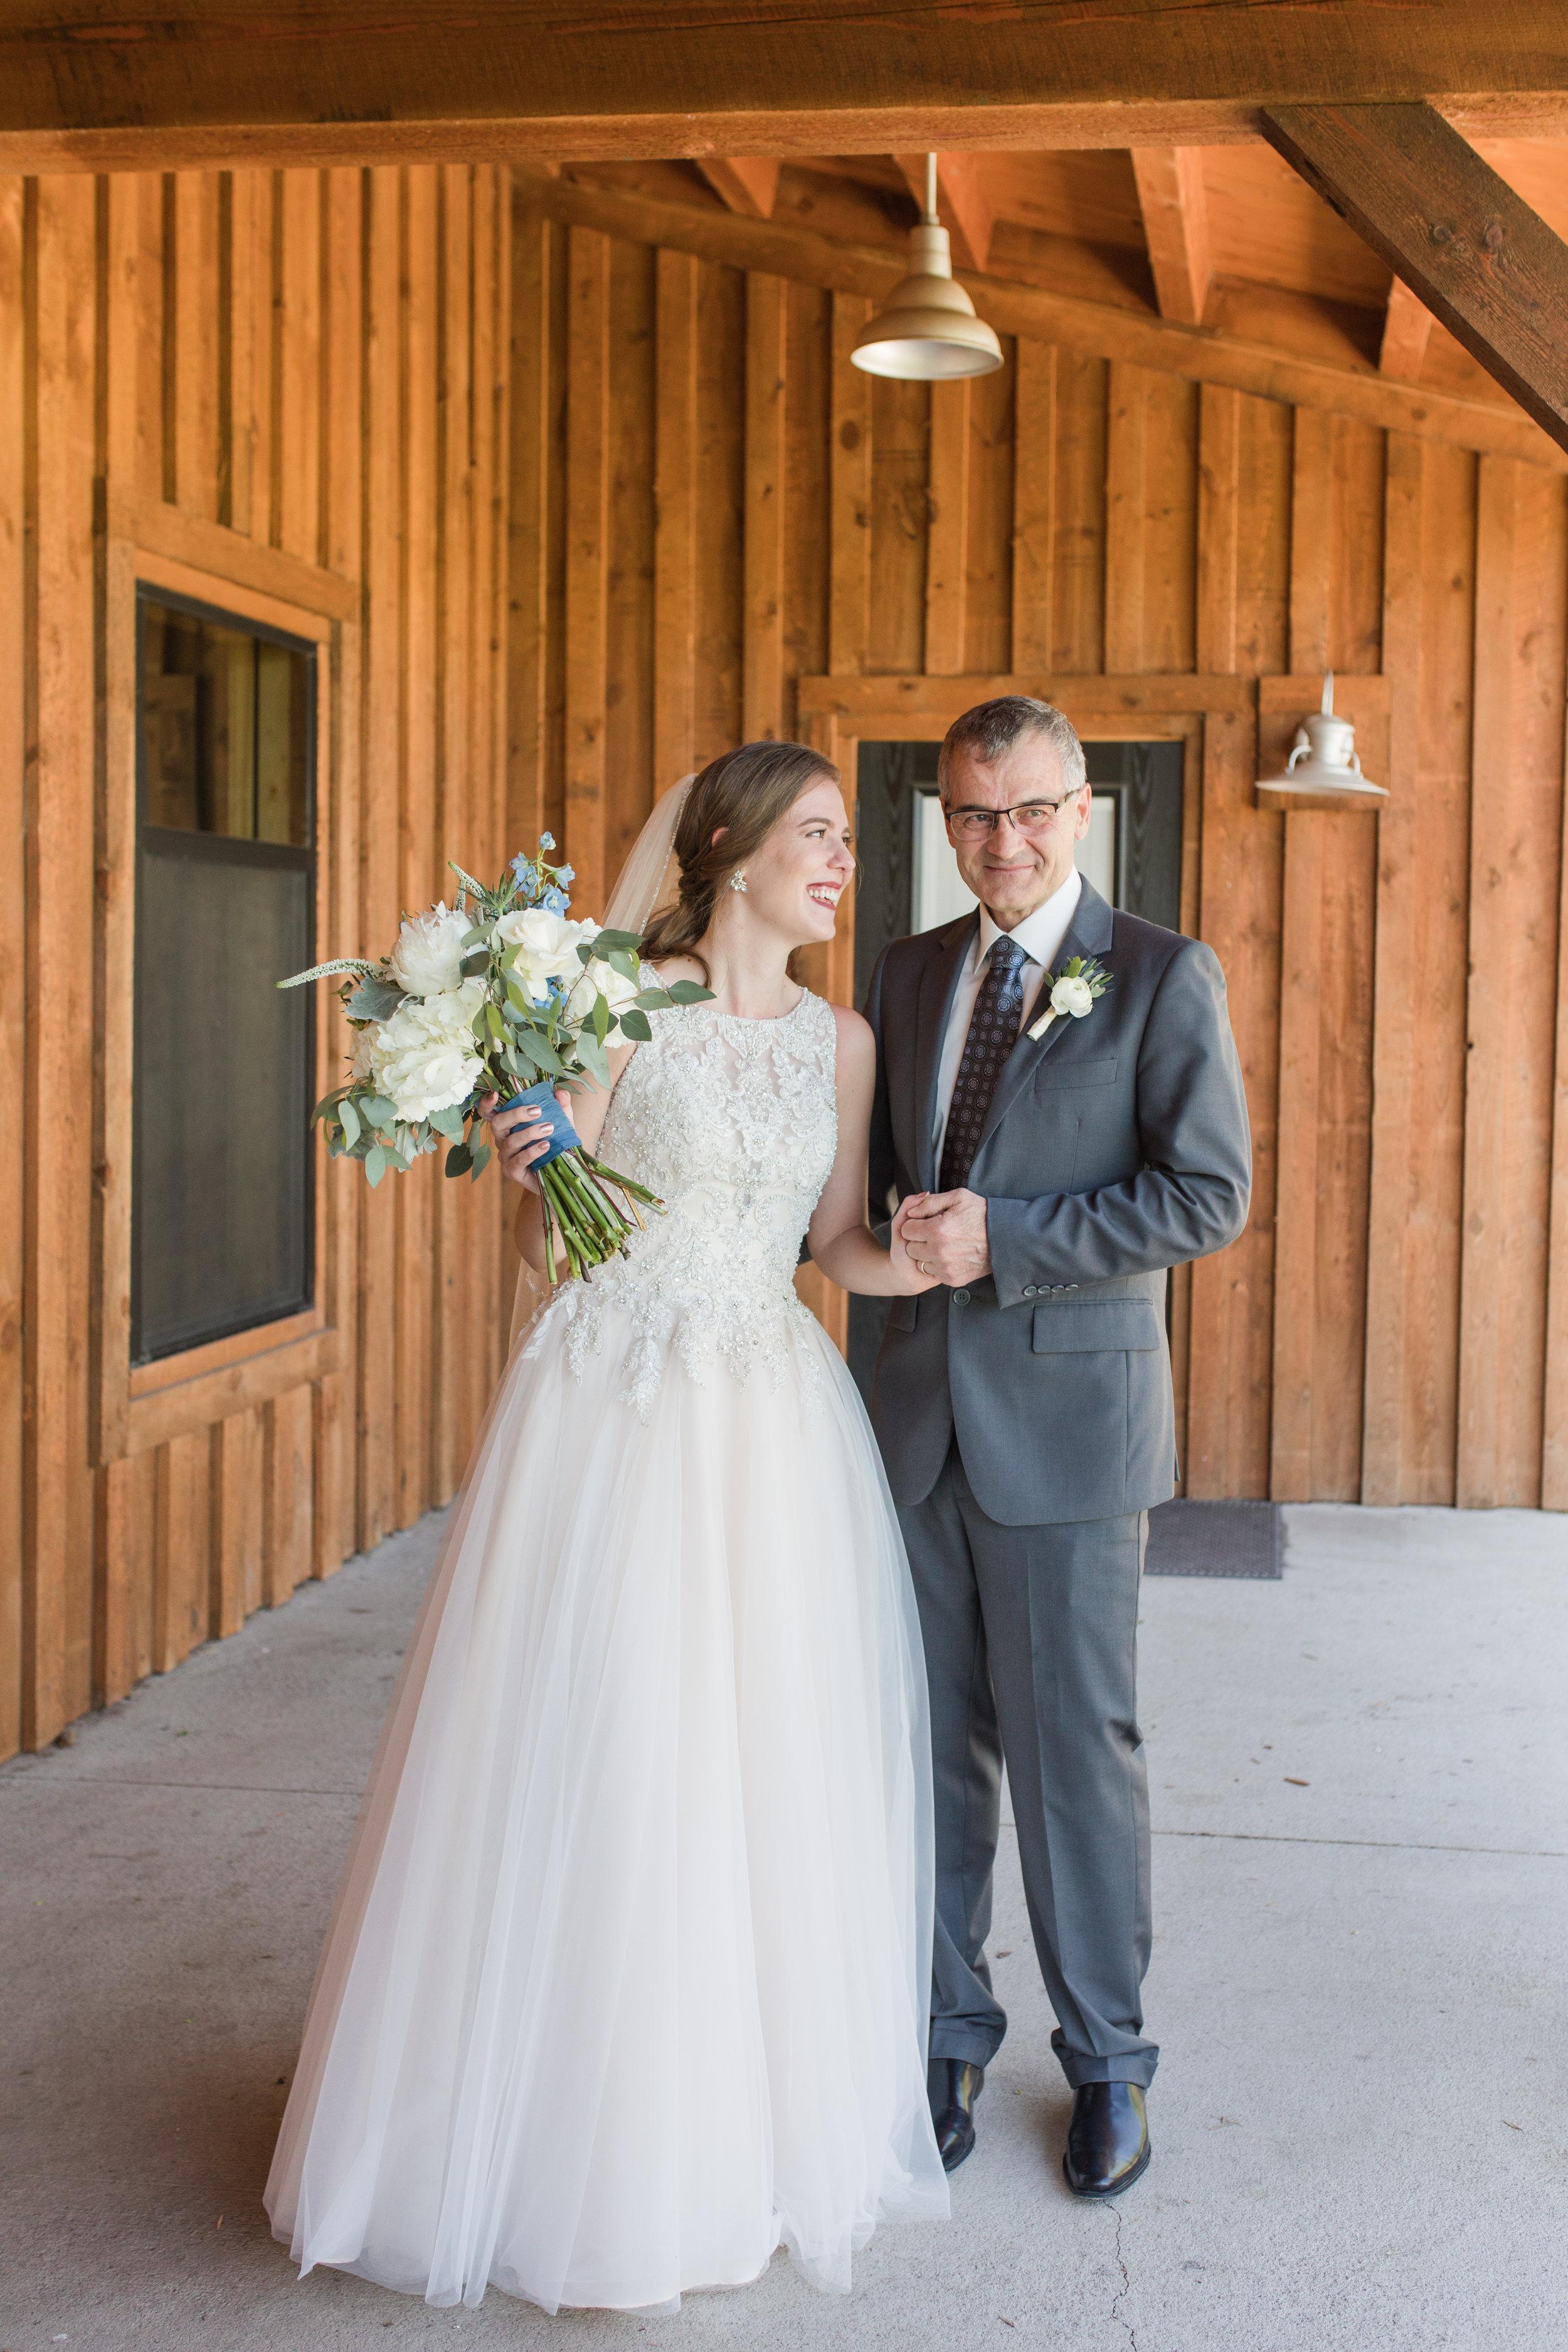 BrideFristLookWithDad